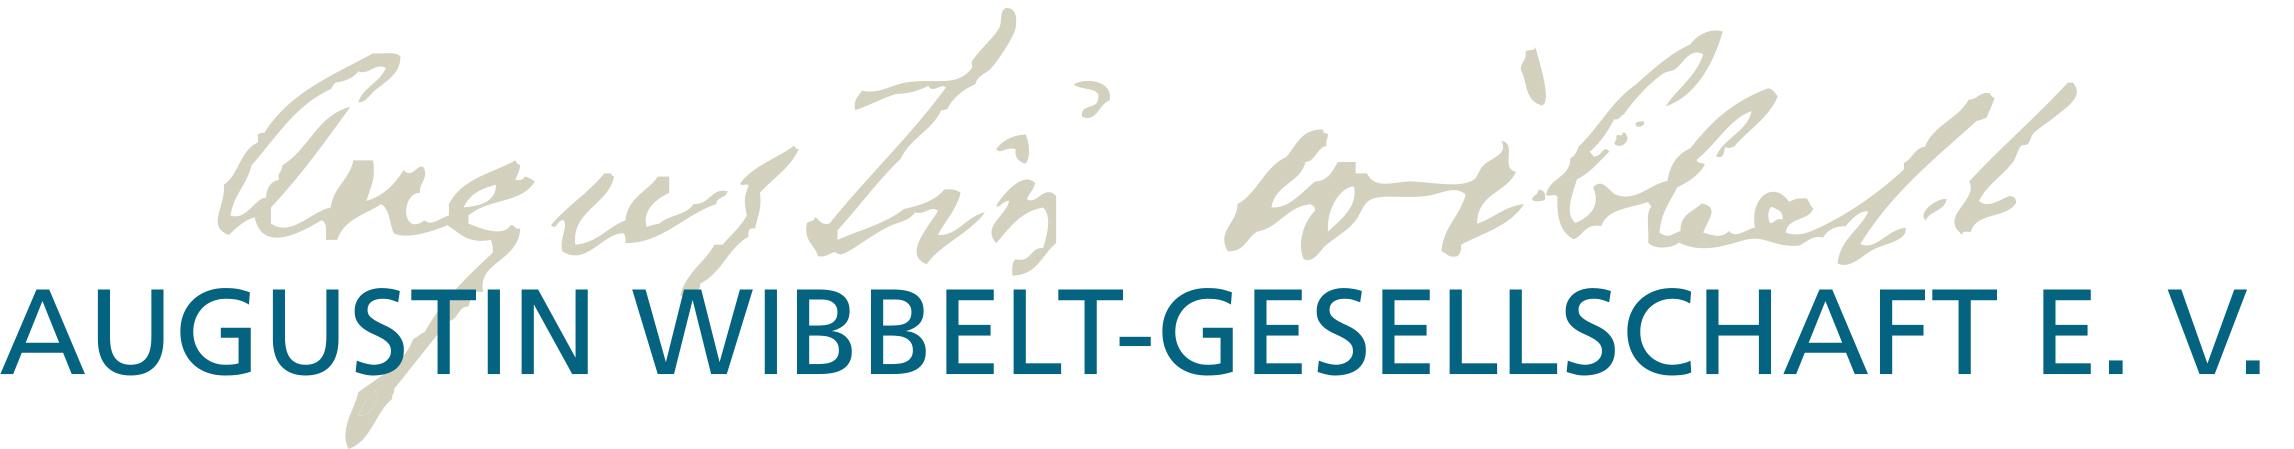 Augustin Wibbelt-Gesellschaft e. V.